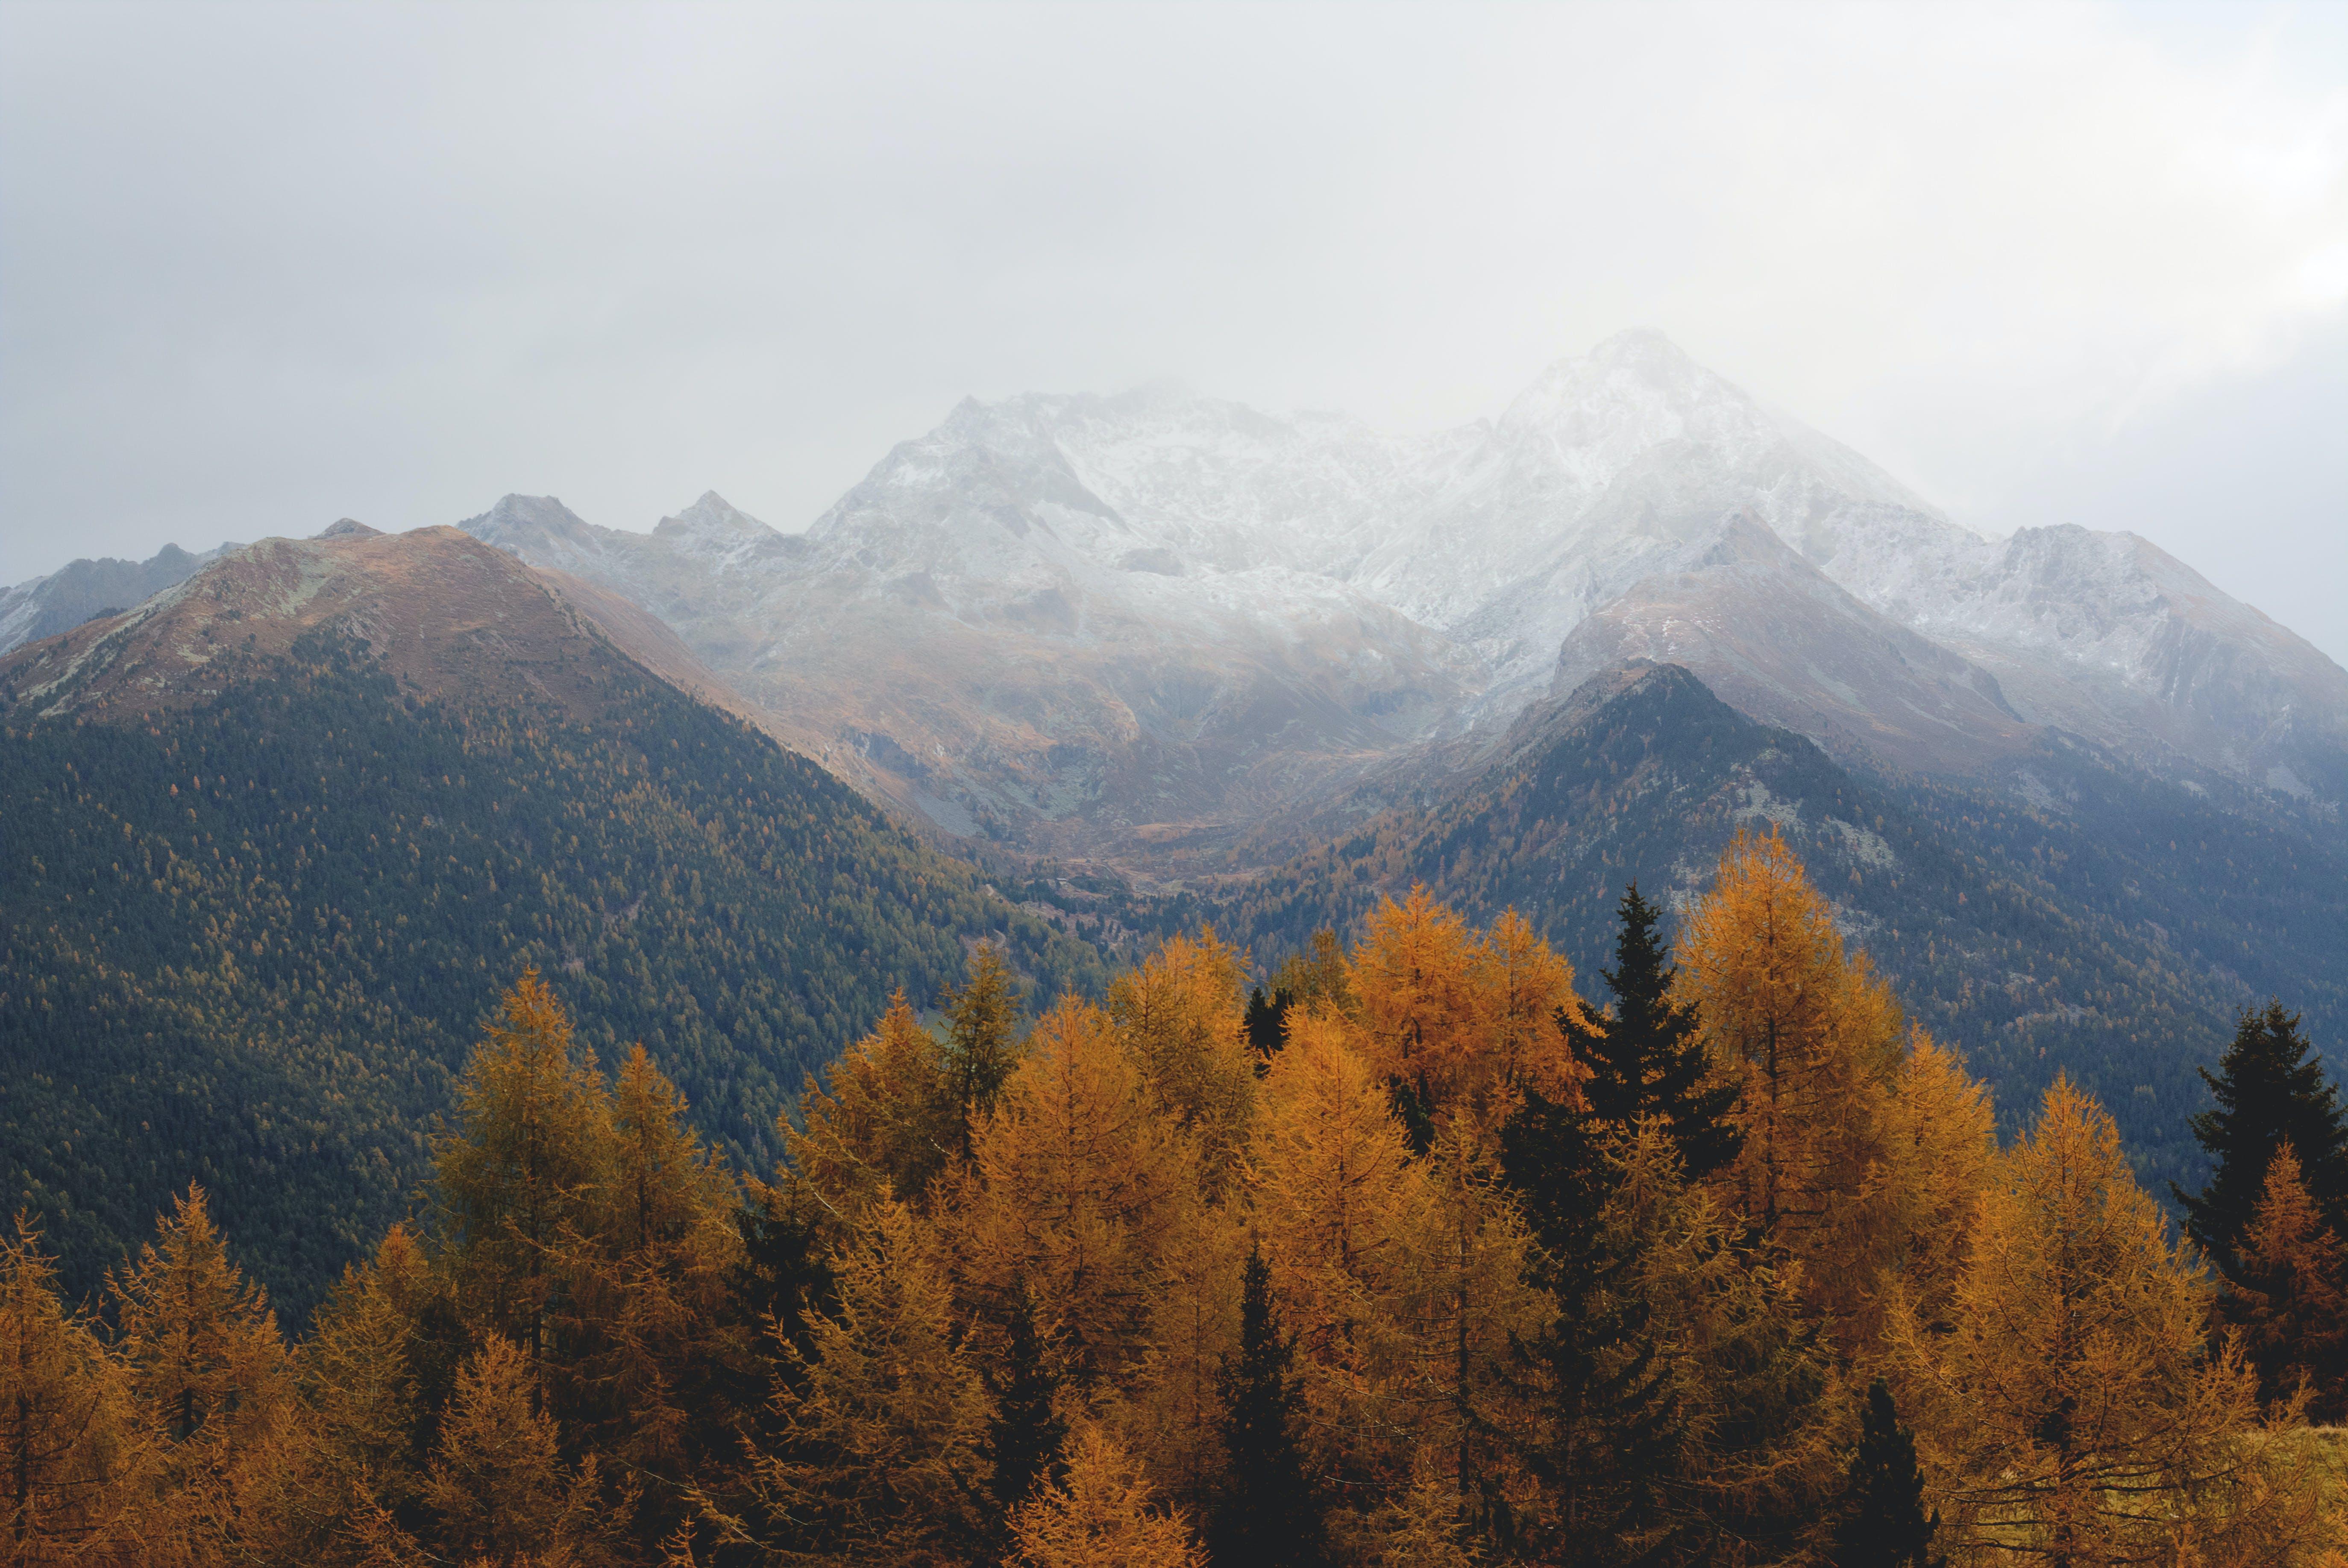 abenteuer, bäume, berge